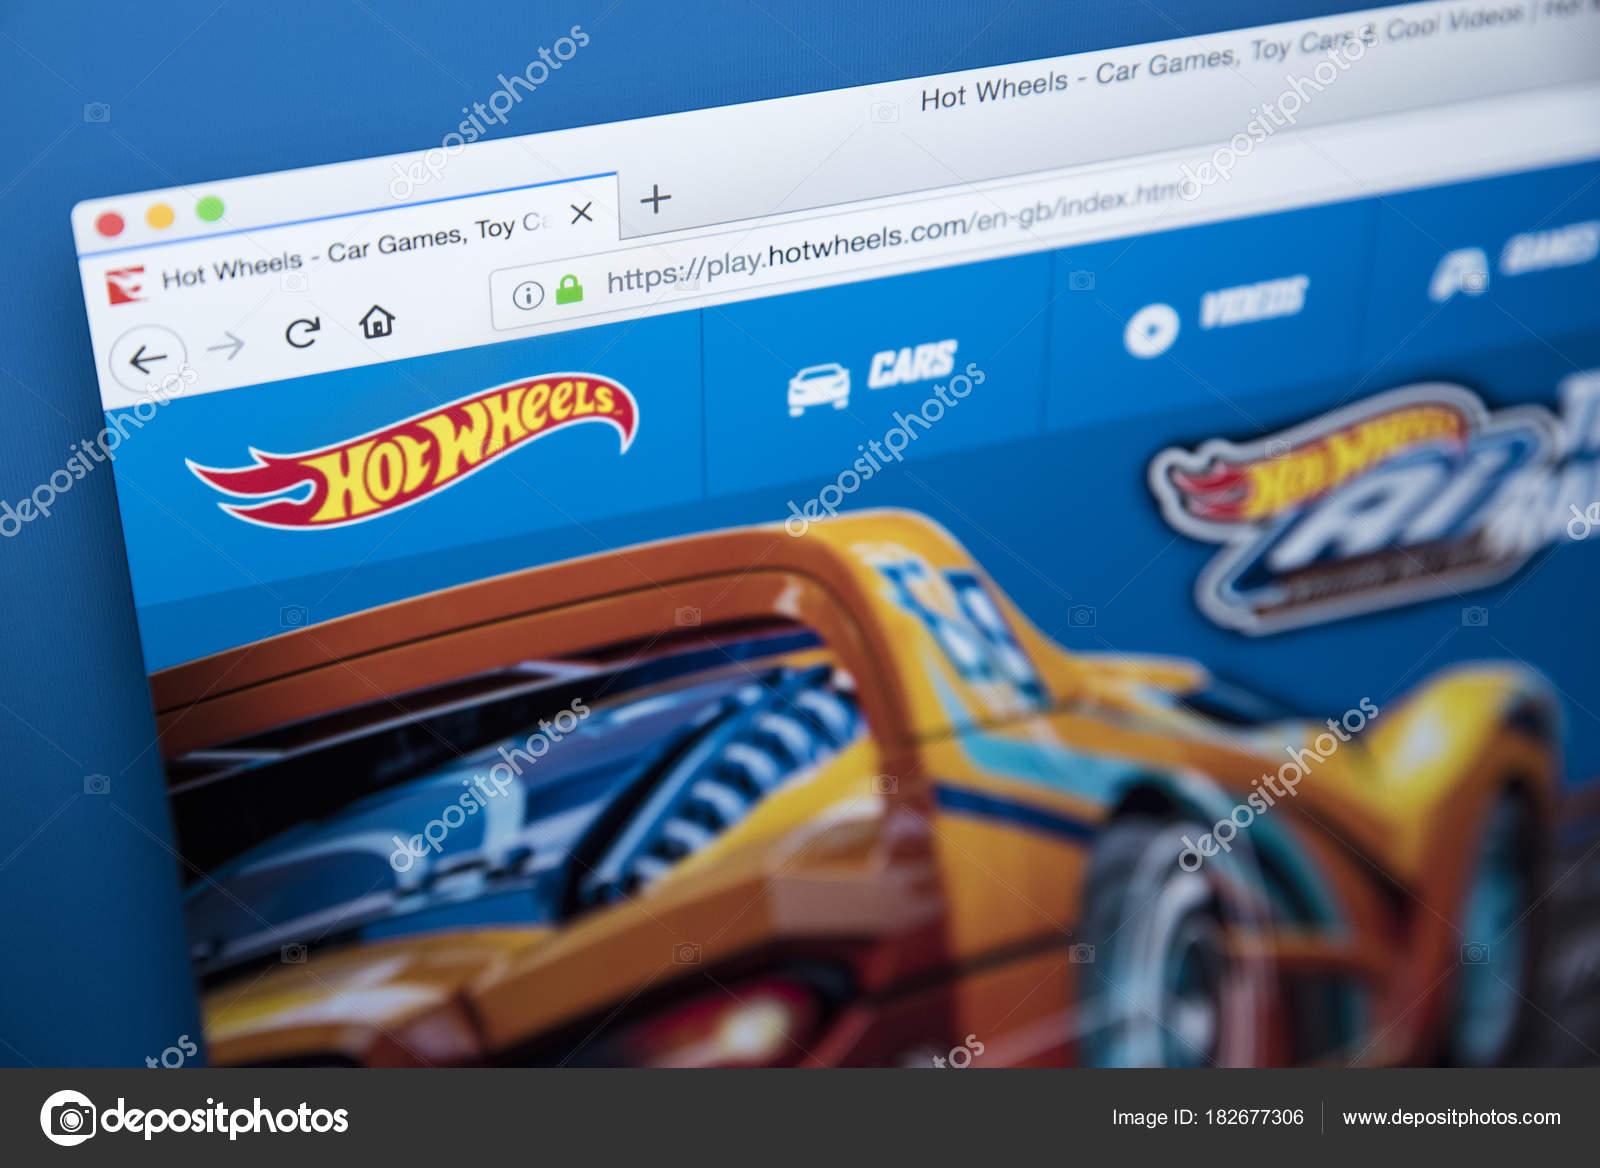 Hot Site Web Web De Hot De Wheels Site Site Wheels 0wNnm8Ov